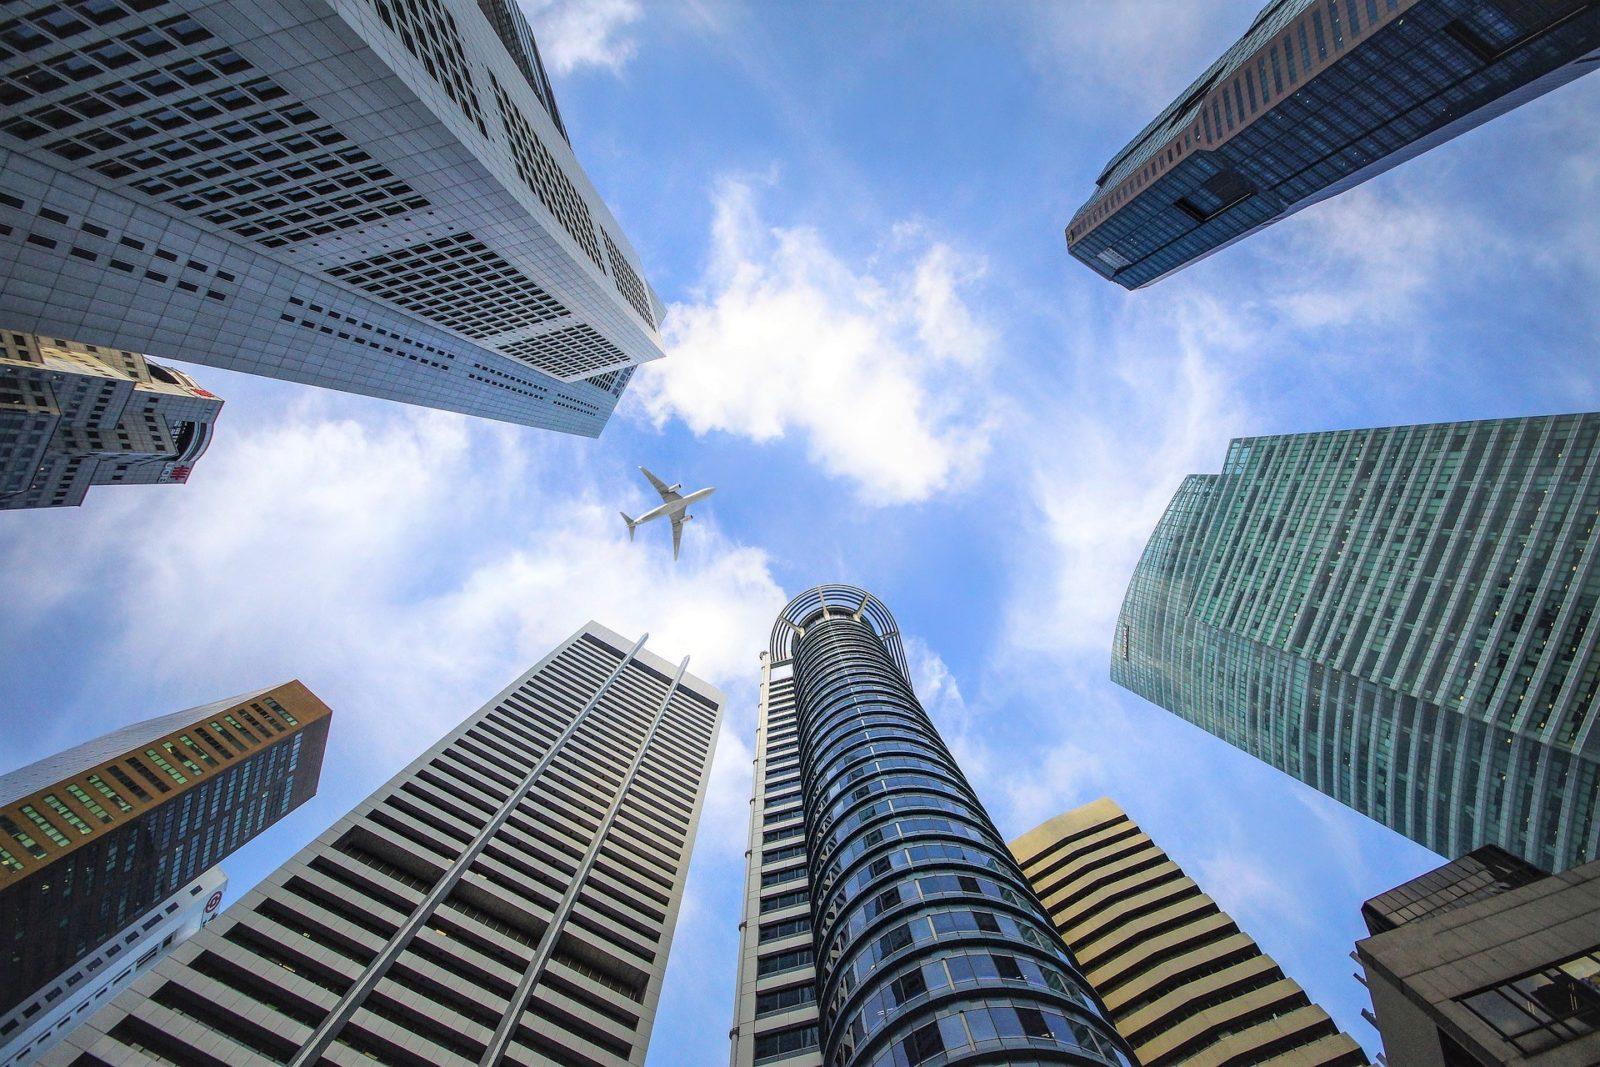 Arereo Che Vola Alto Tra I Grattacieli